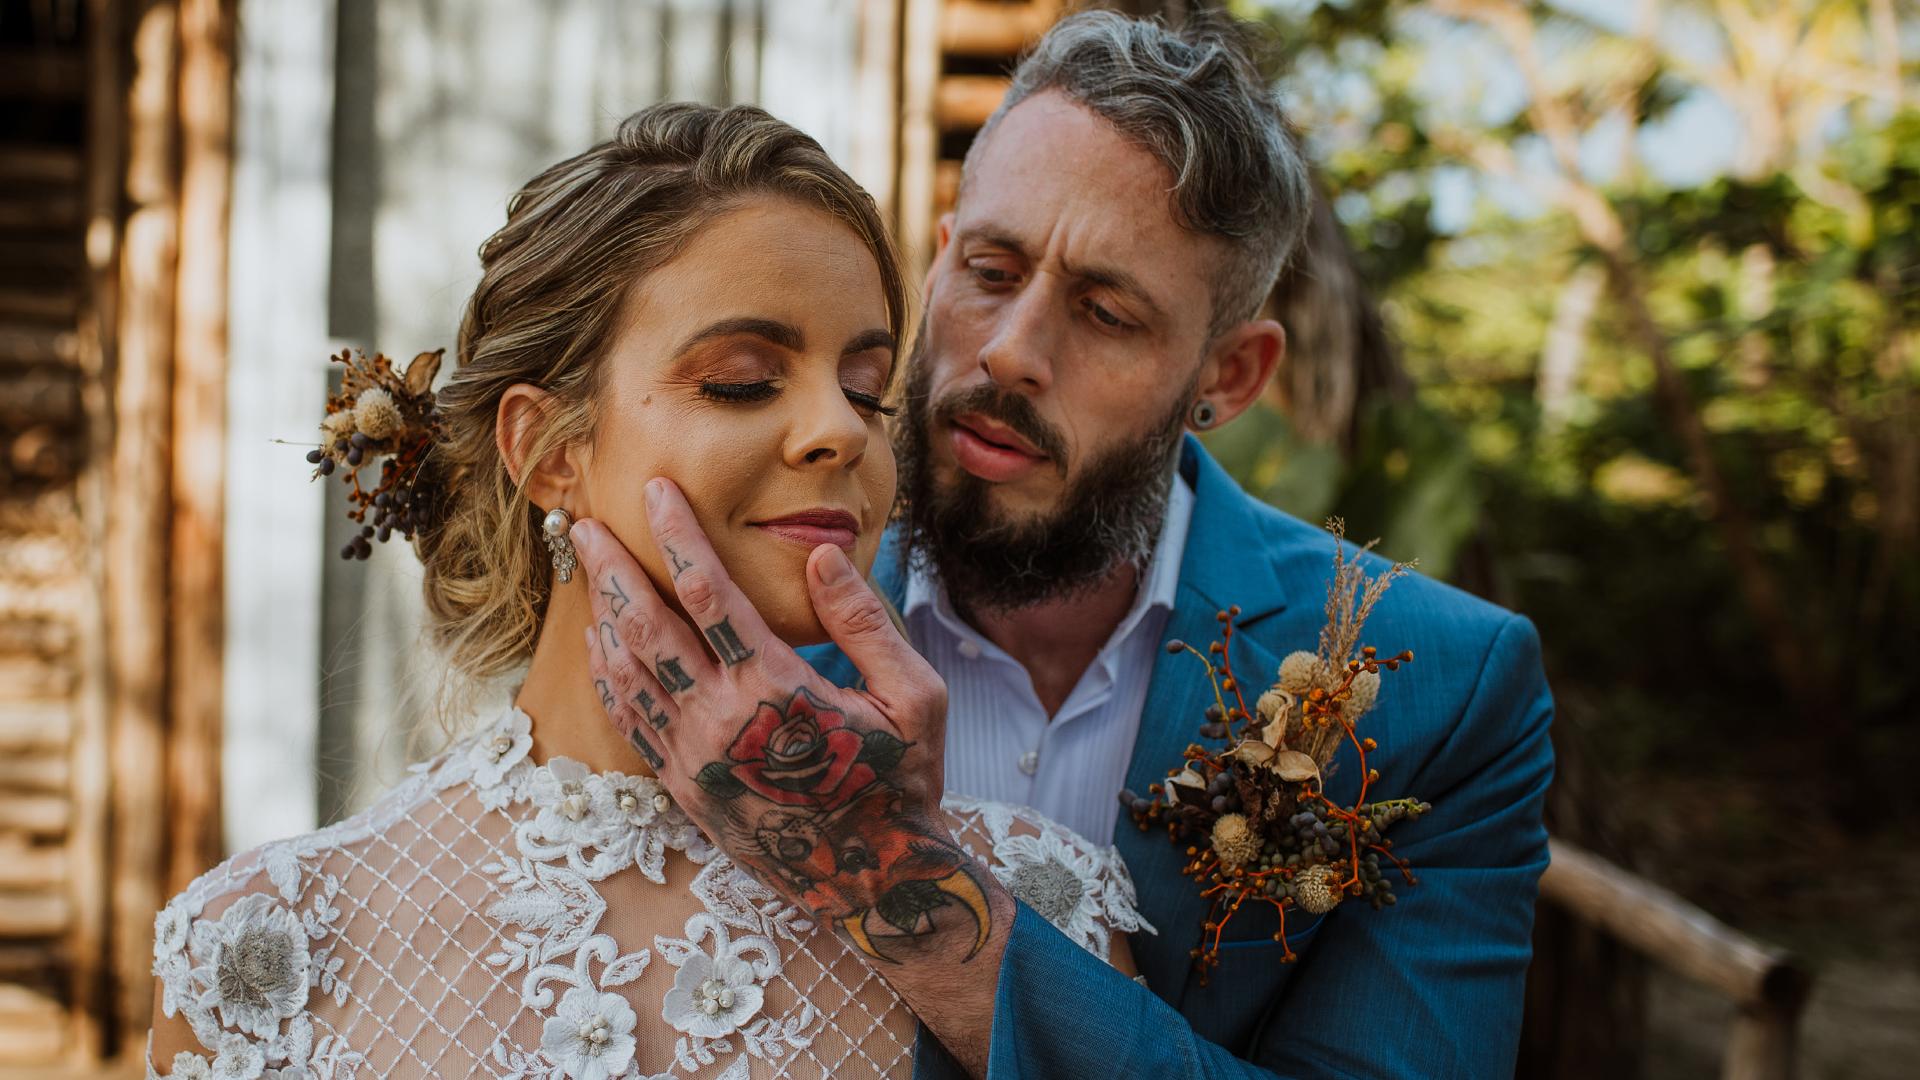 Contate Camila Magalhães - Fotógrafa de casamentos ao ar livre na Bahia